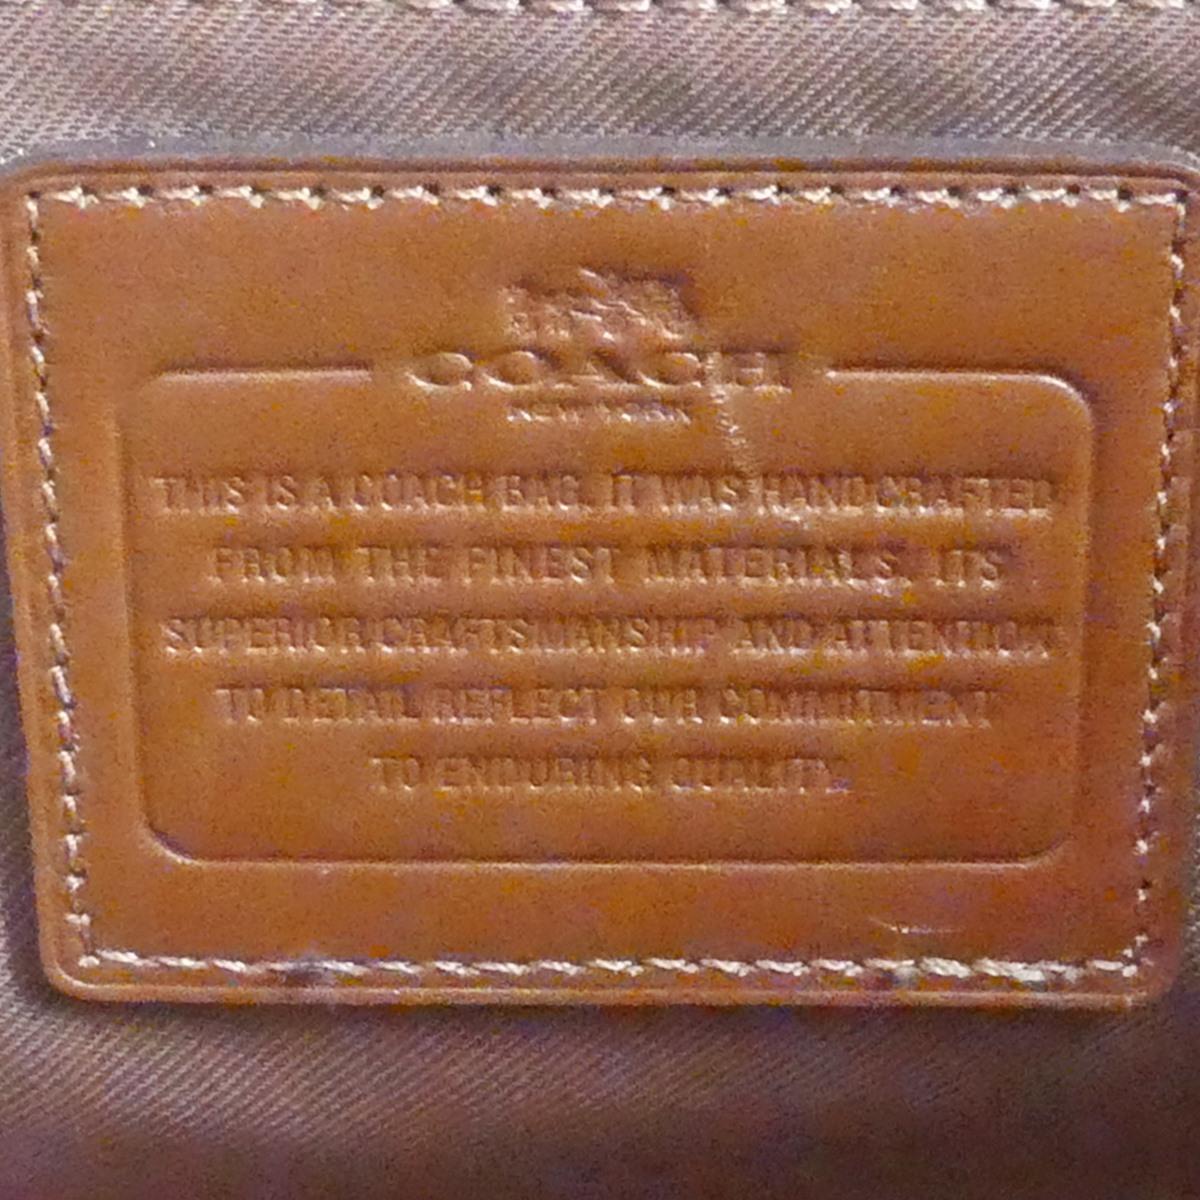 即決★COACH★レザーハンドバッグ オールドコーチ メンズ 茶 本革 トートバッグ 本皮 かばん 鞄 レディース ロゴプレート 手提げバッグ_画像10